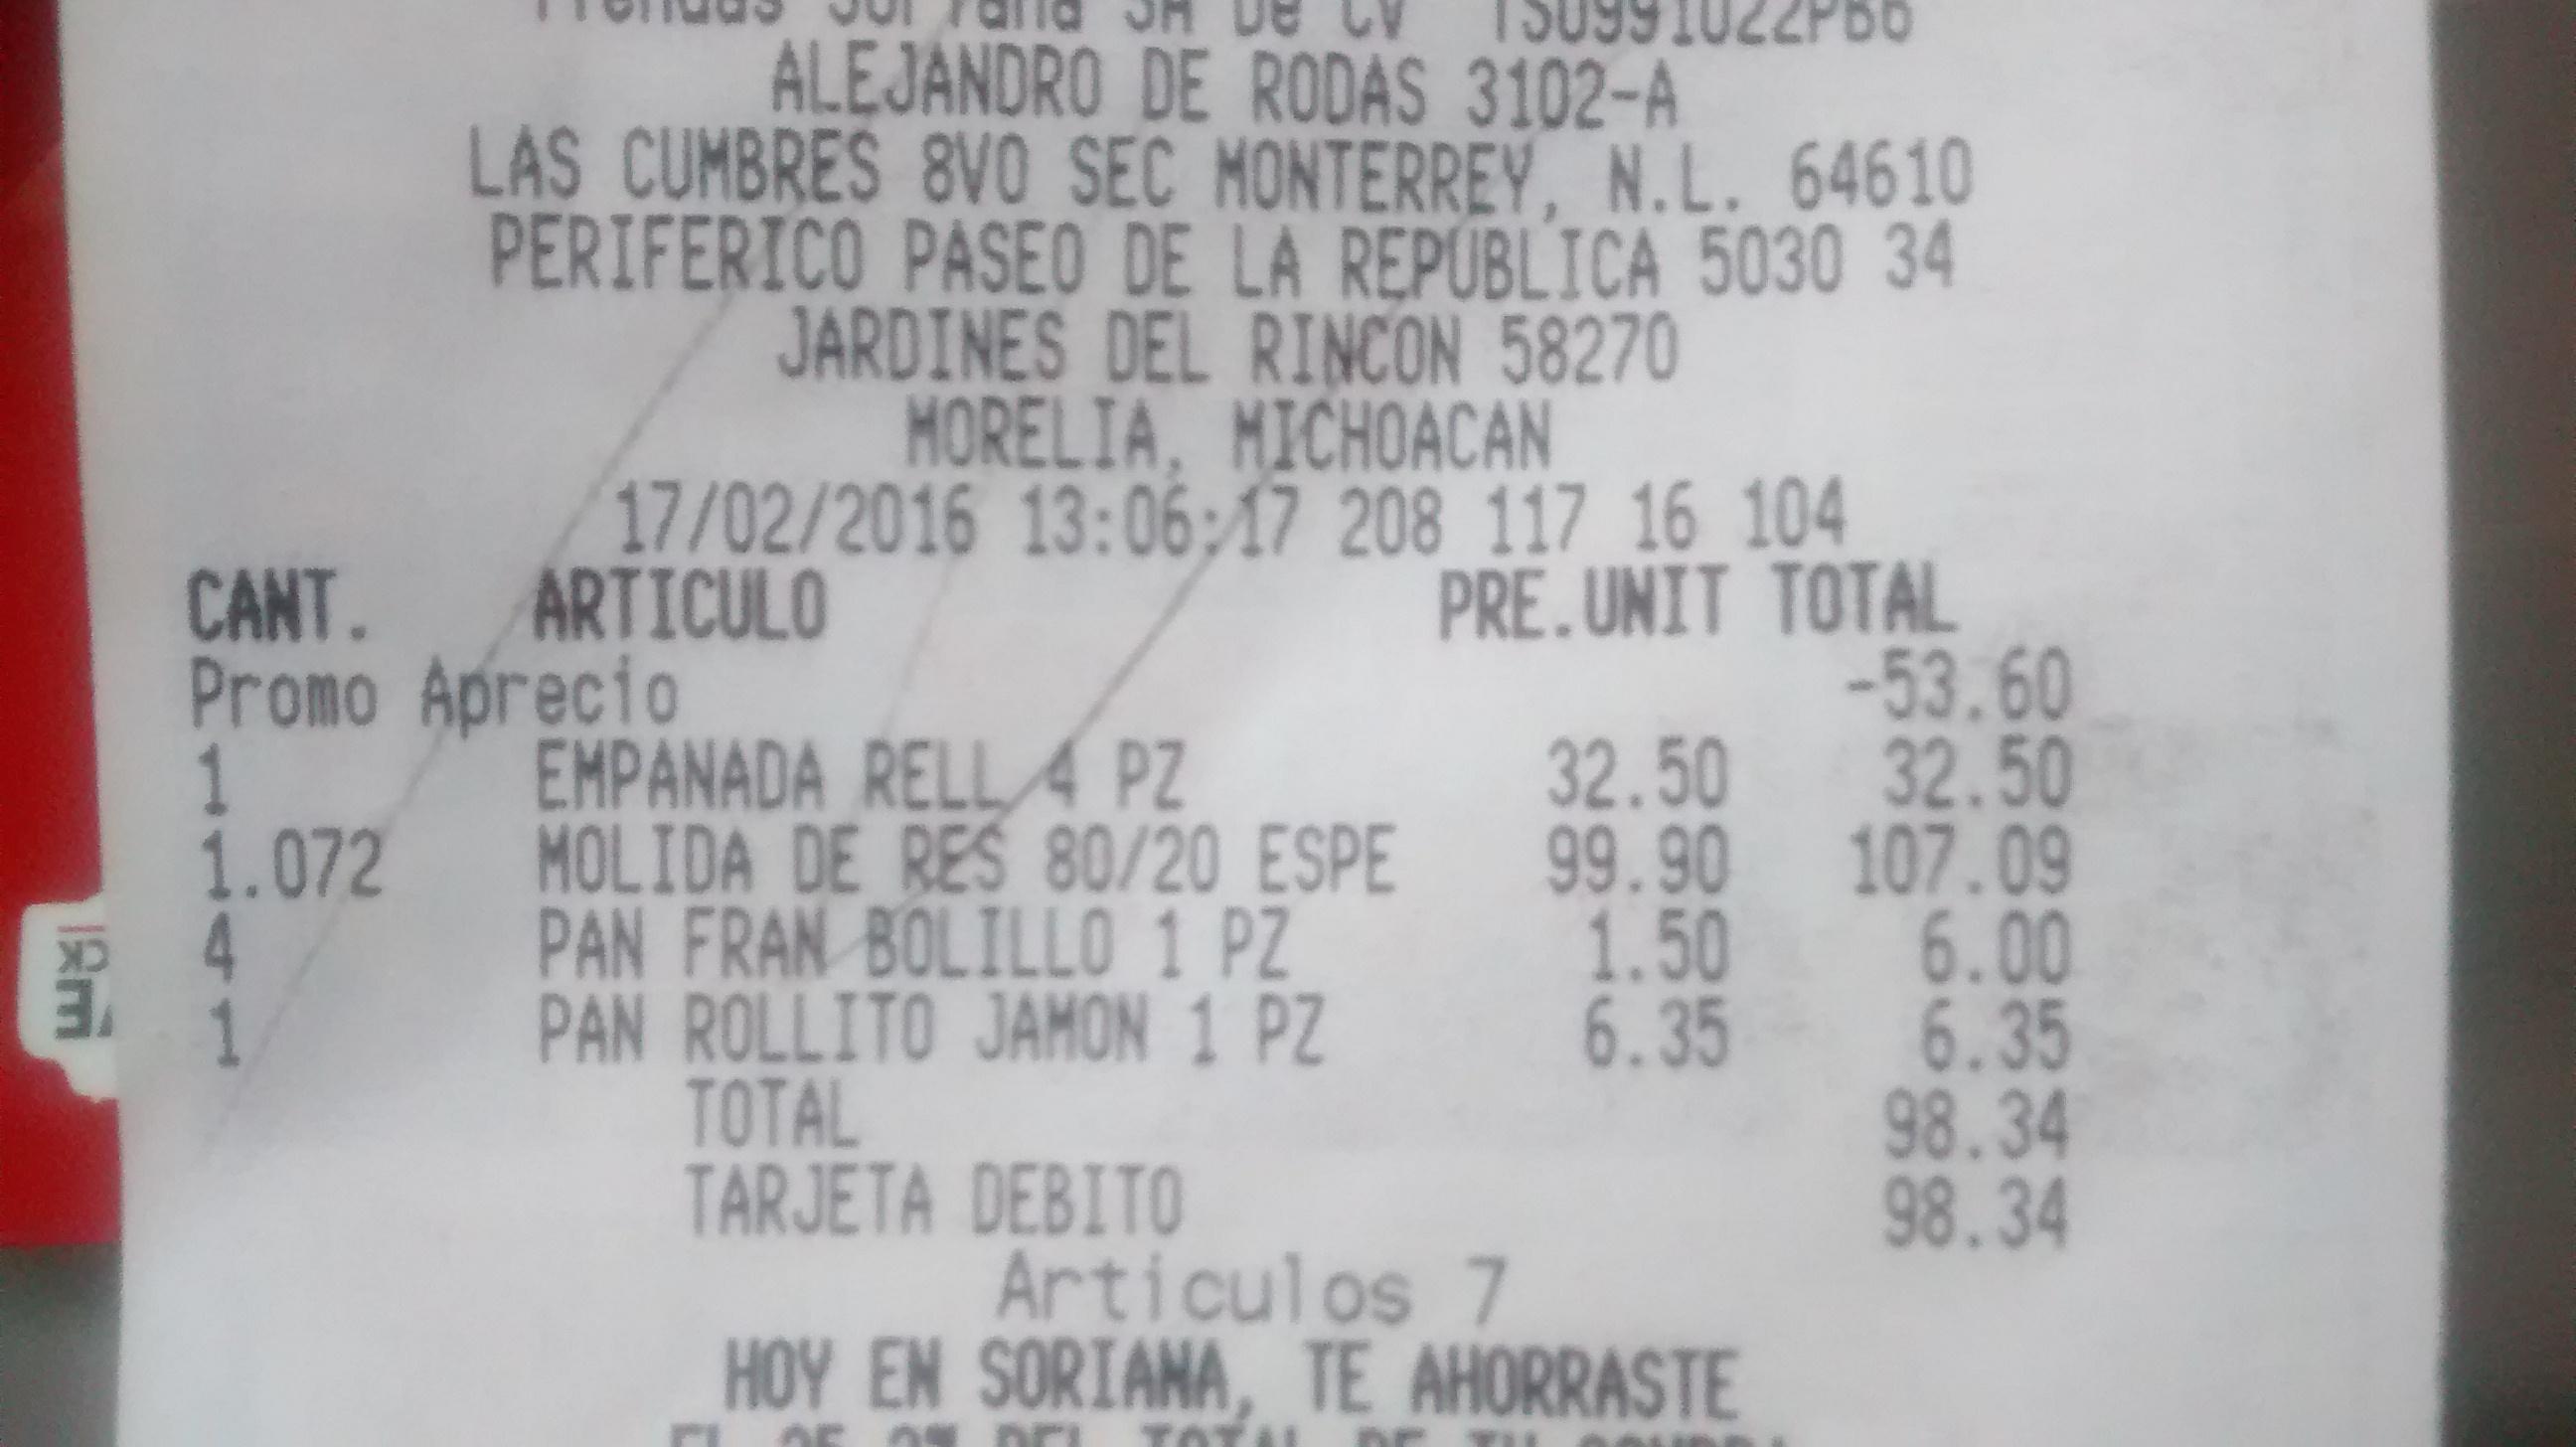 Soriana: empanadas rellenas 2x1 (c/u $10) y 4 (osea 8) x $32.5